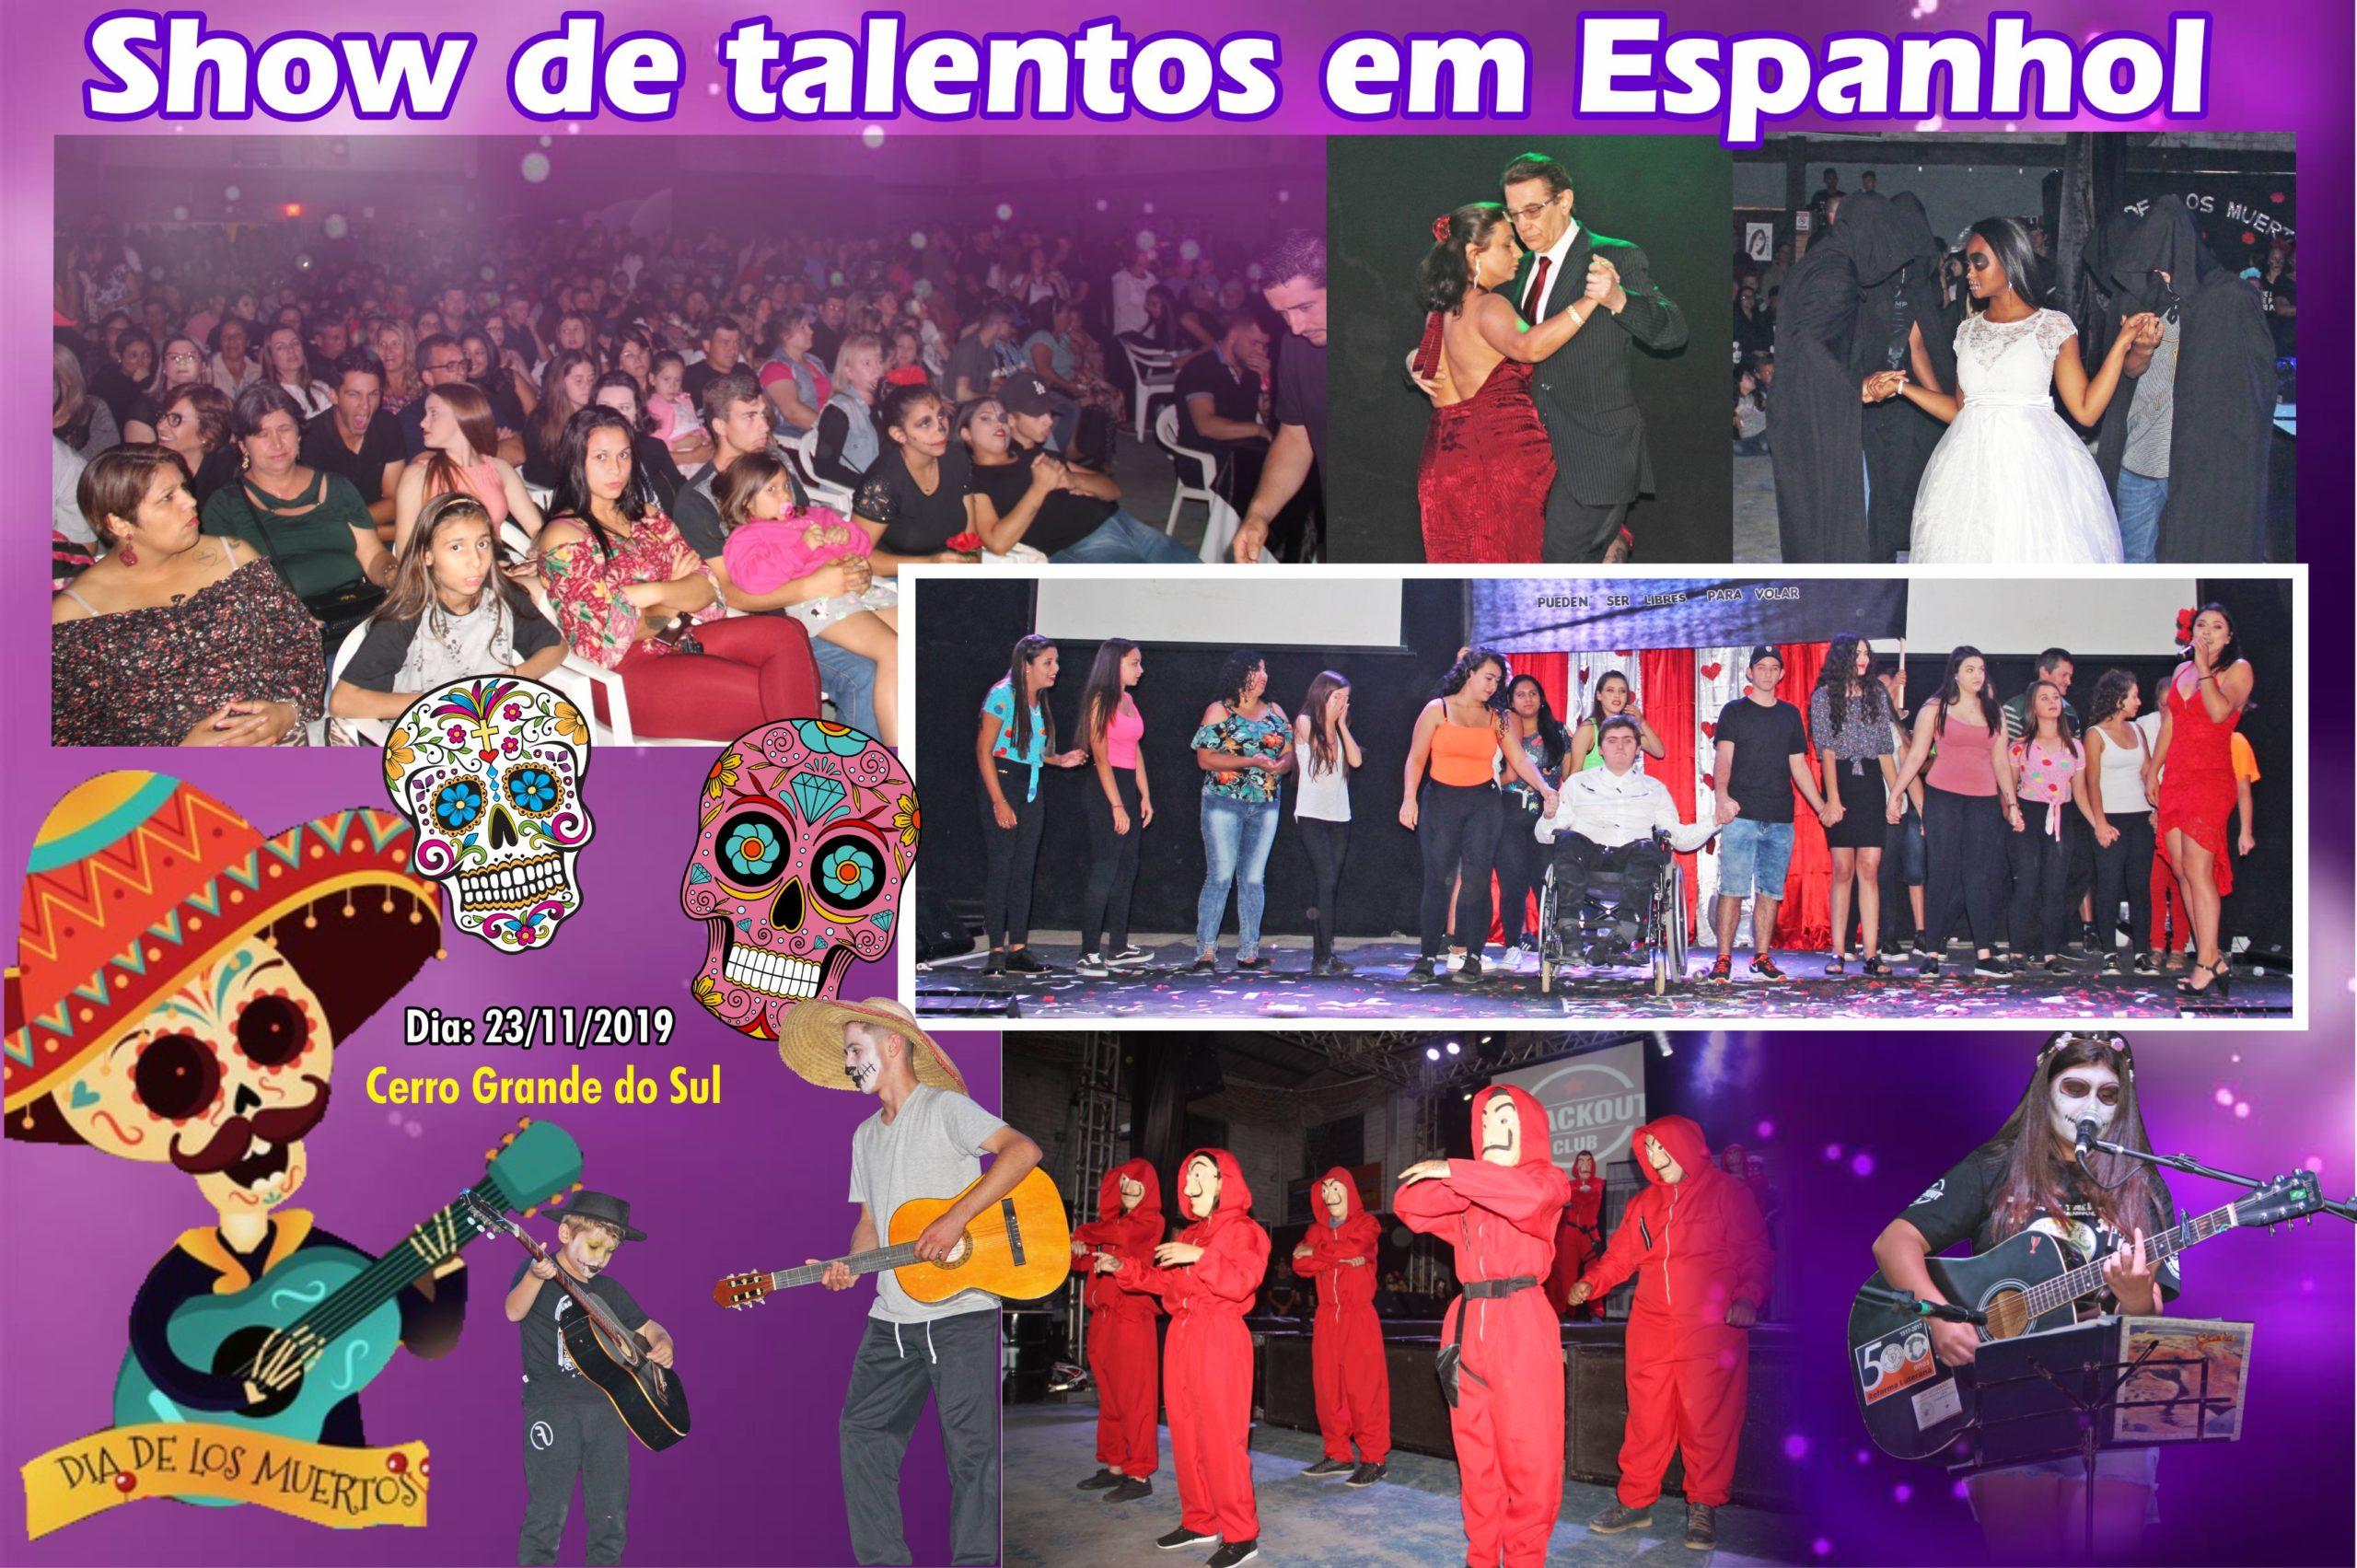 Show de Talentos em Espanhol / Cerro Grande do Sul